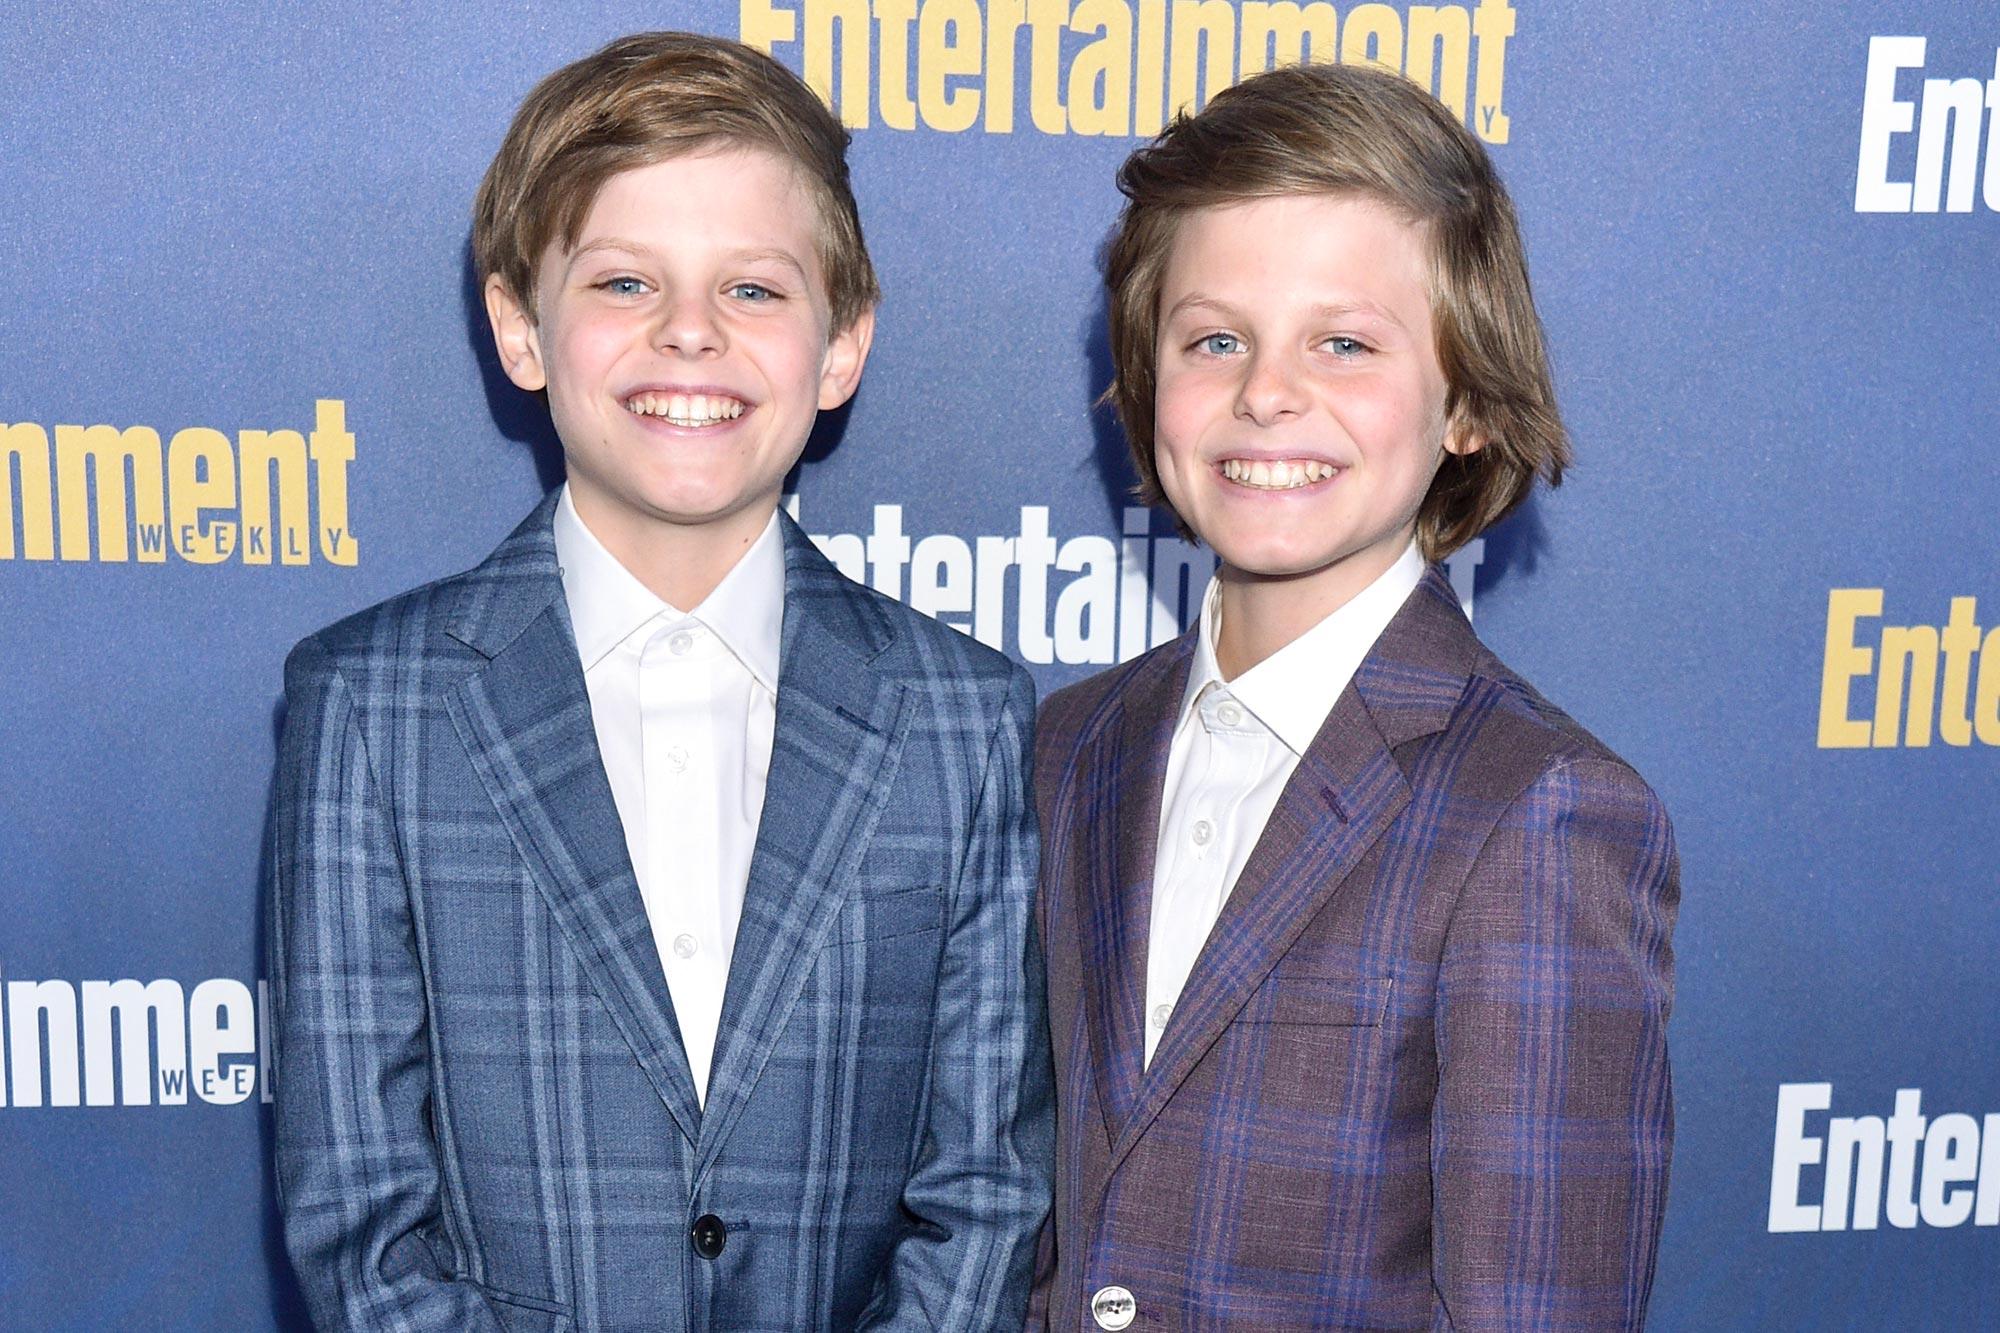 Nicholas Crovetti and Cameron Crovetti